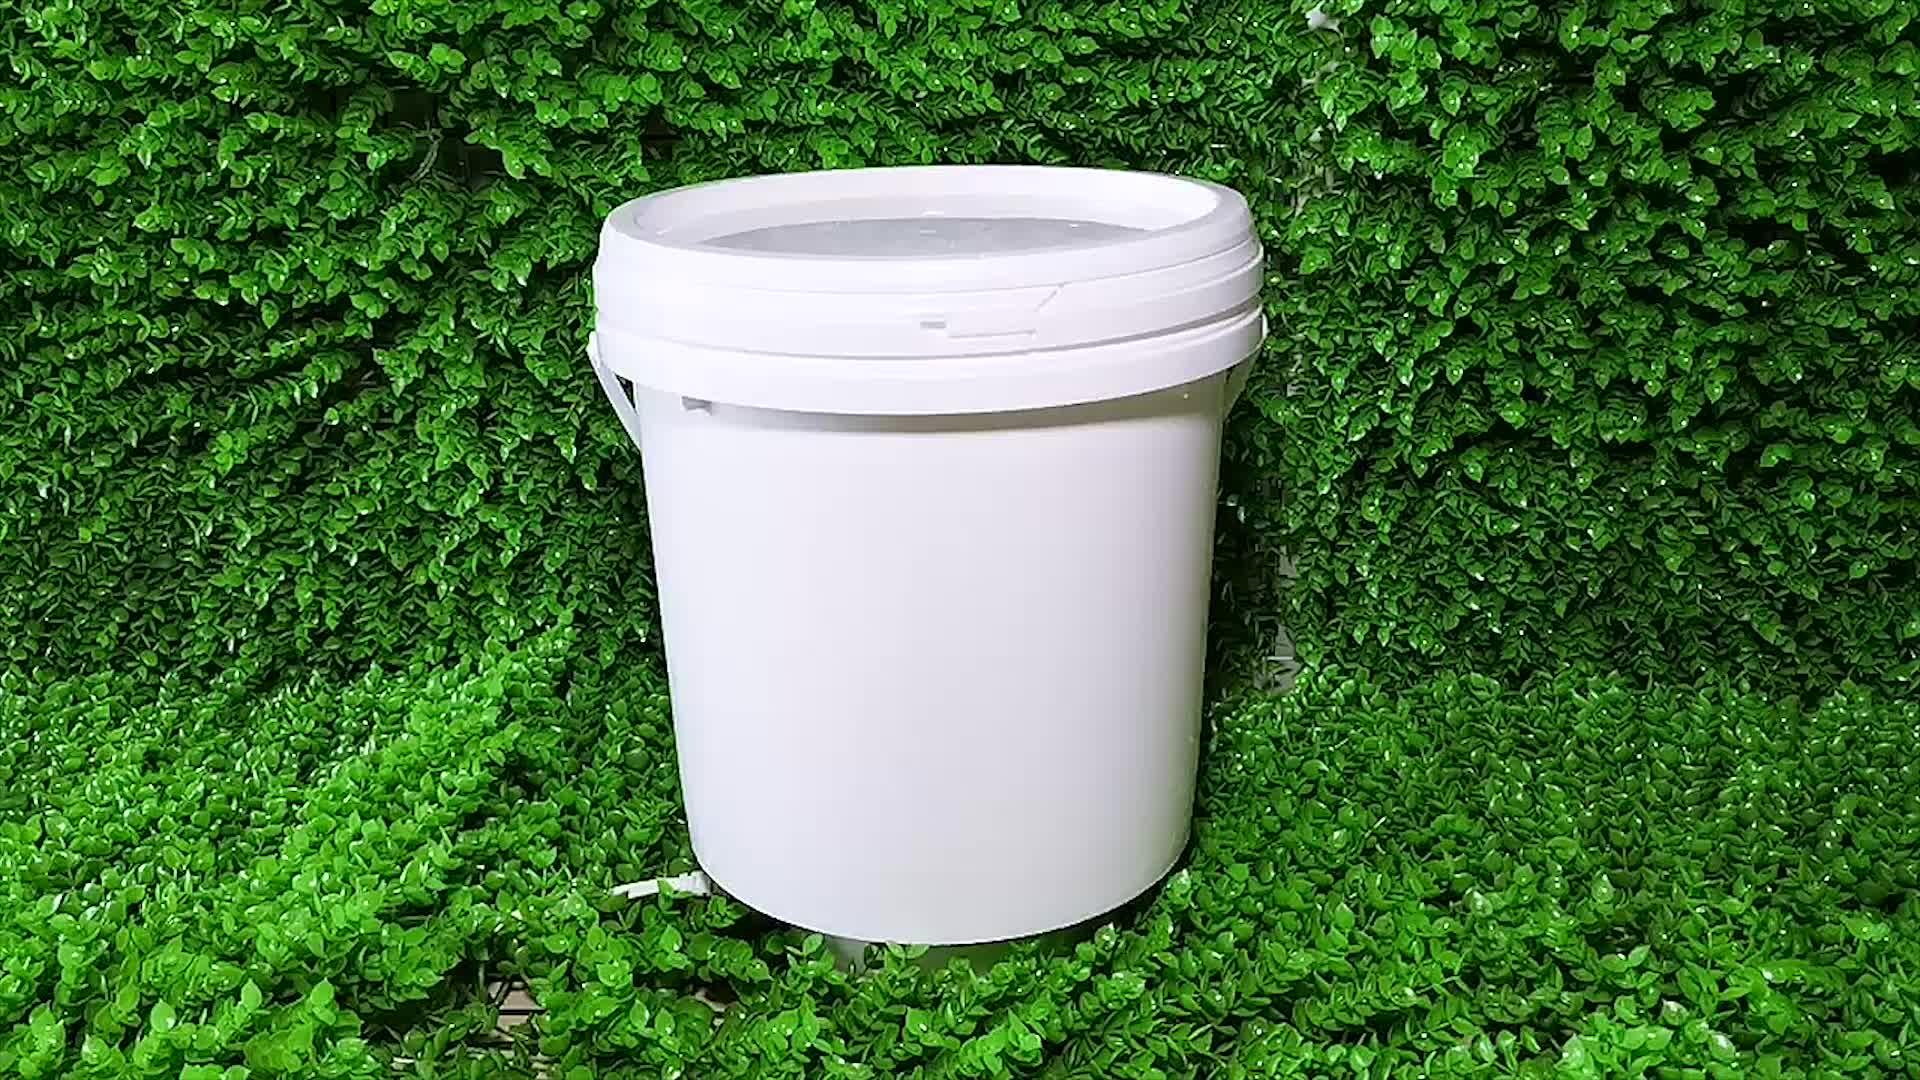 Sıcak Satış!! Özelleştirilmiş Gıda Sınıfı 20 Litre Plastik Kova 5 Galon Davul Büyük Kova Kapaklı ağrı için yağlama yağı benzinli